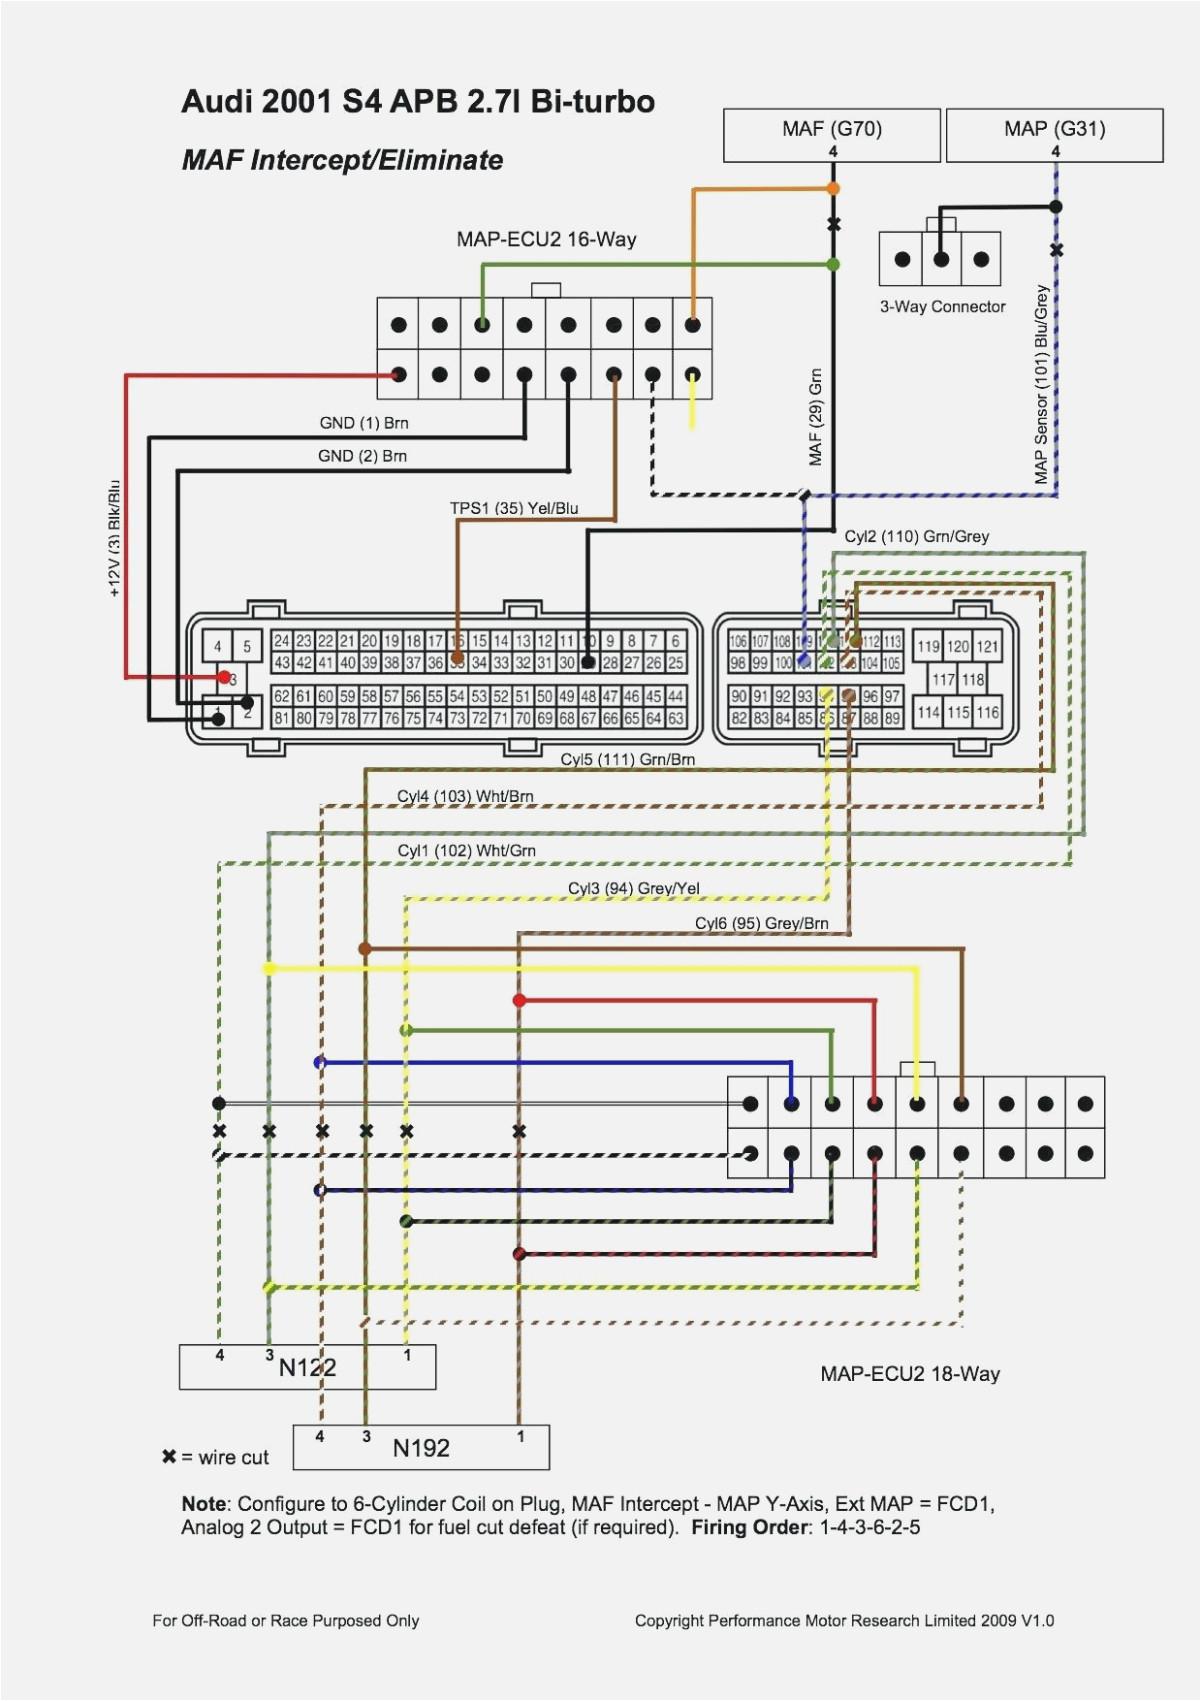 wrg 2570 2002 grand am engine diagram 2004 dodge intrepid body diagram wiring schematic wiring